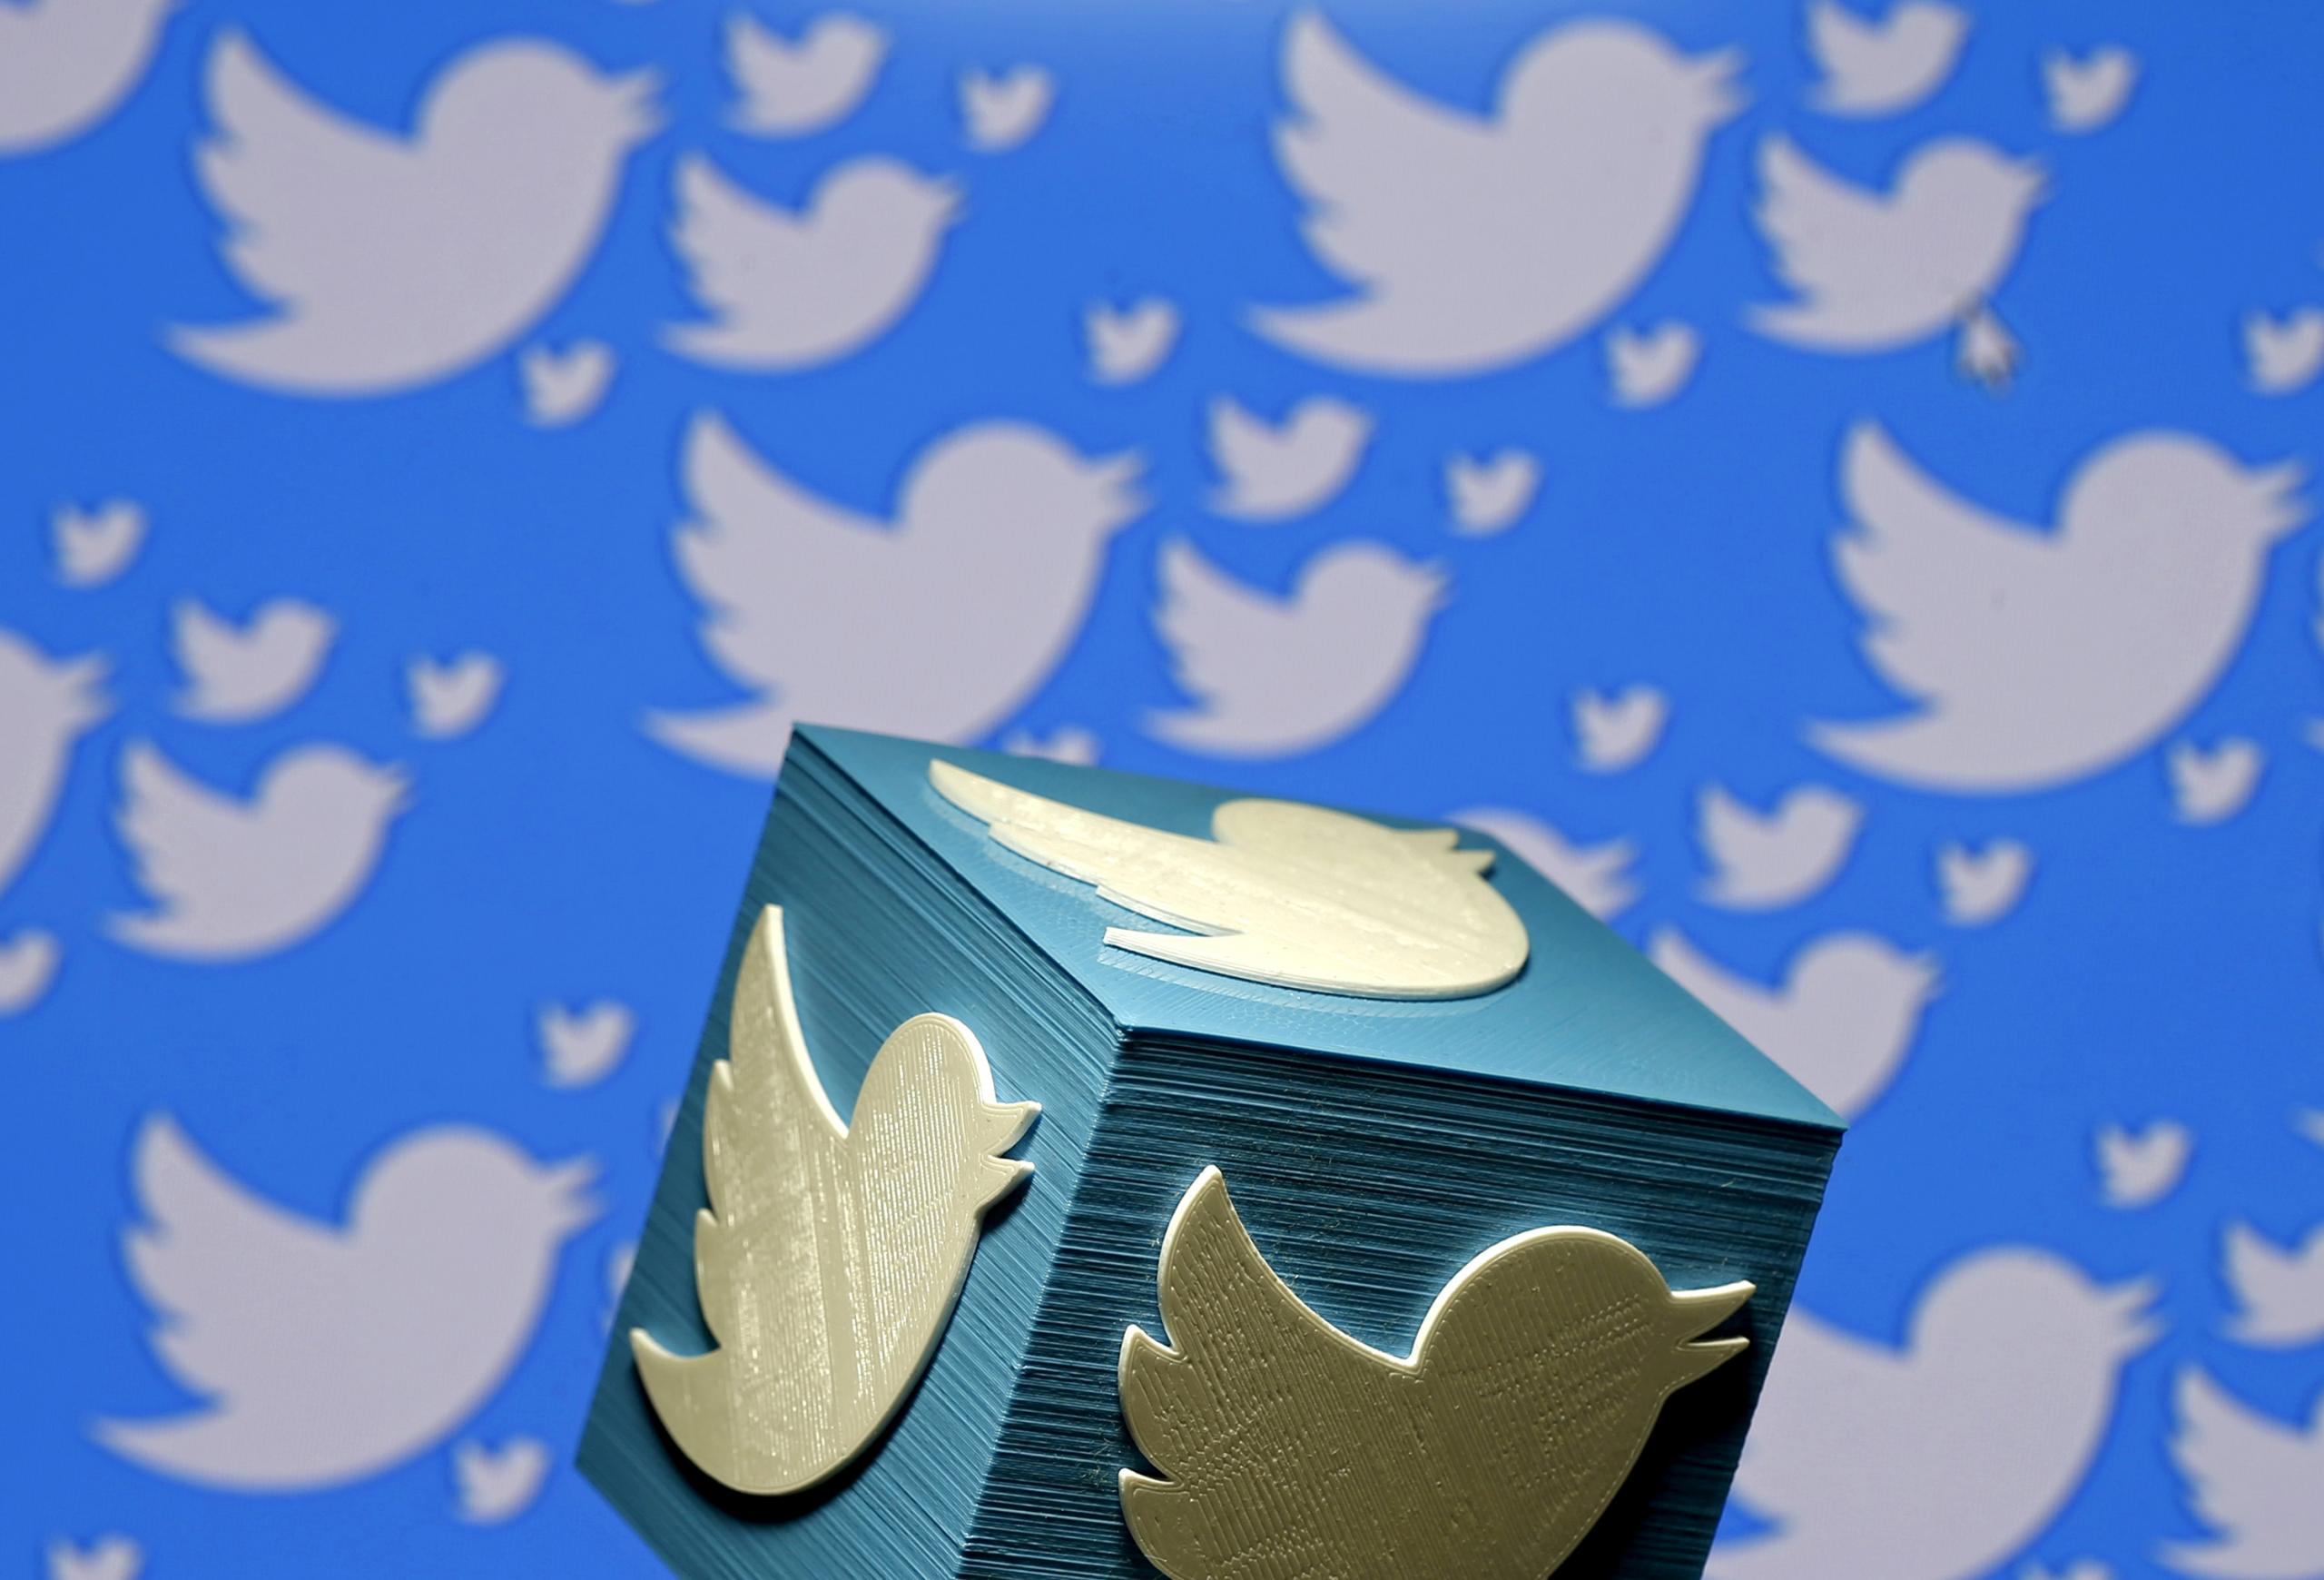 تعطل تويتر لكثير من المستخدمين بسبب تغيير في الأنظمة الداخلية